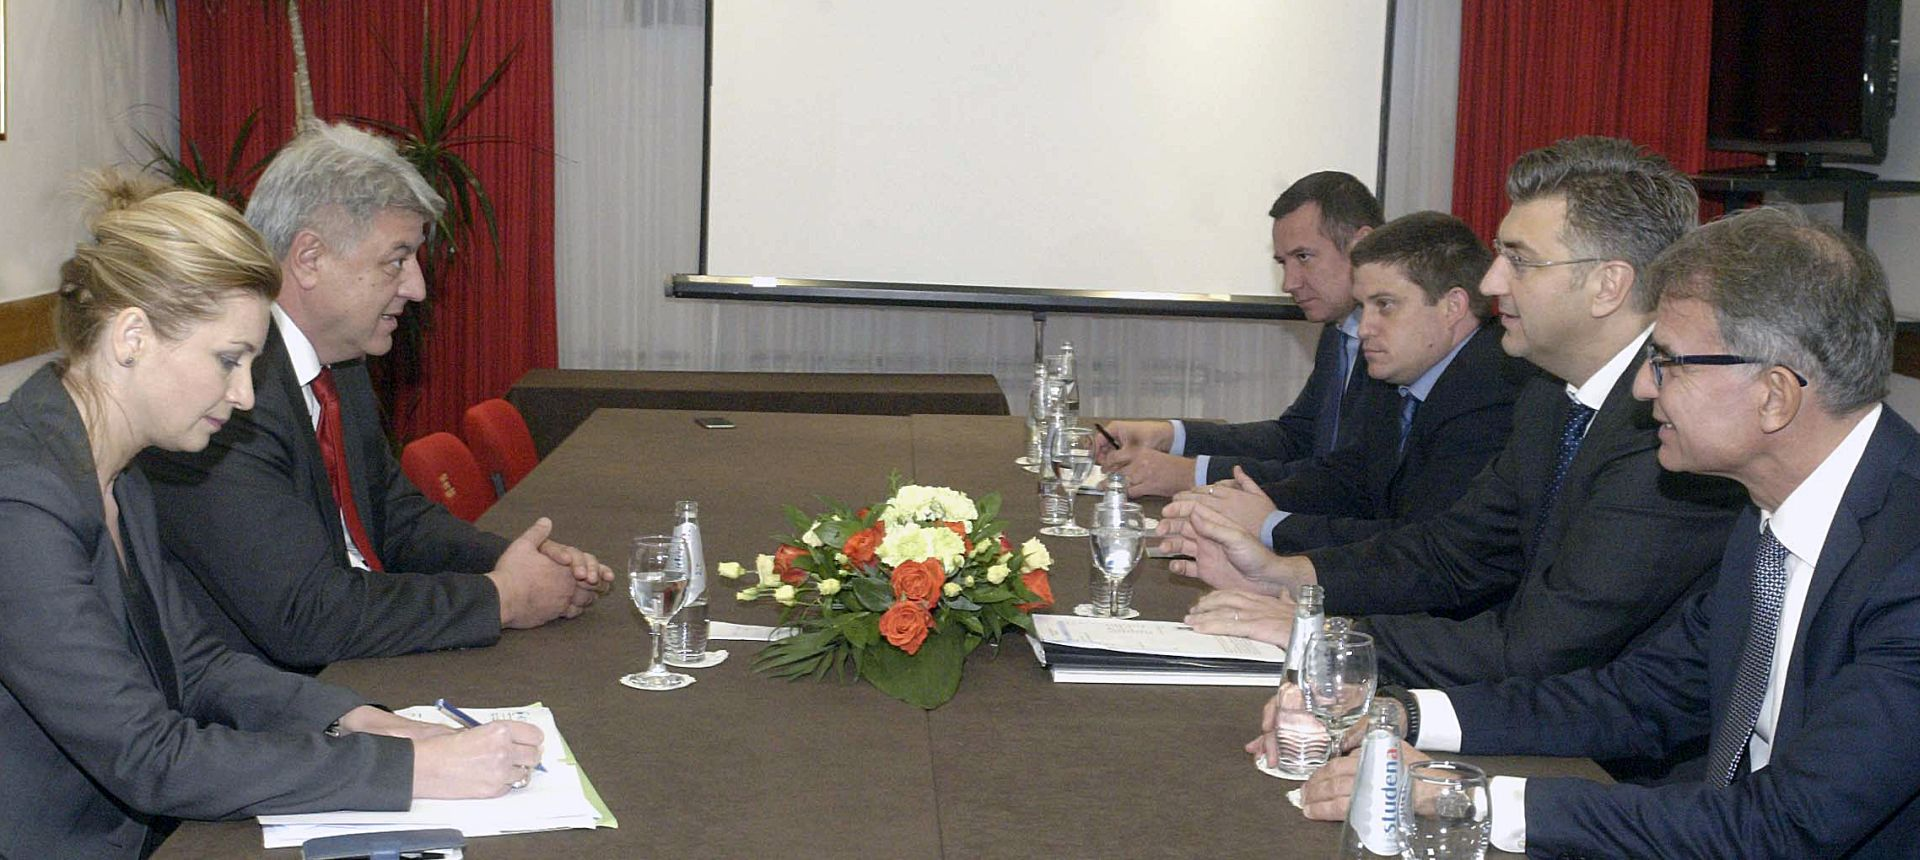 Komadina o prvom sastanku s Plenkovićem: Suglasje o svim nacionalnim temama